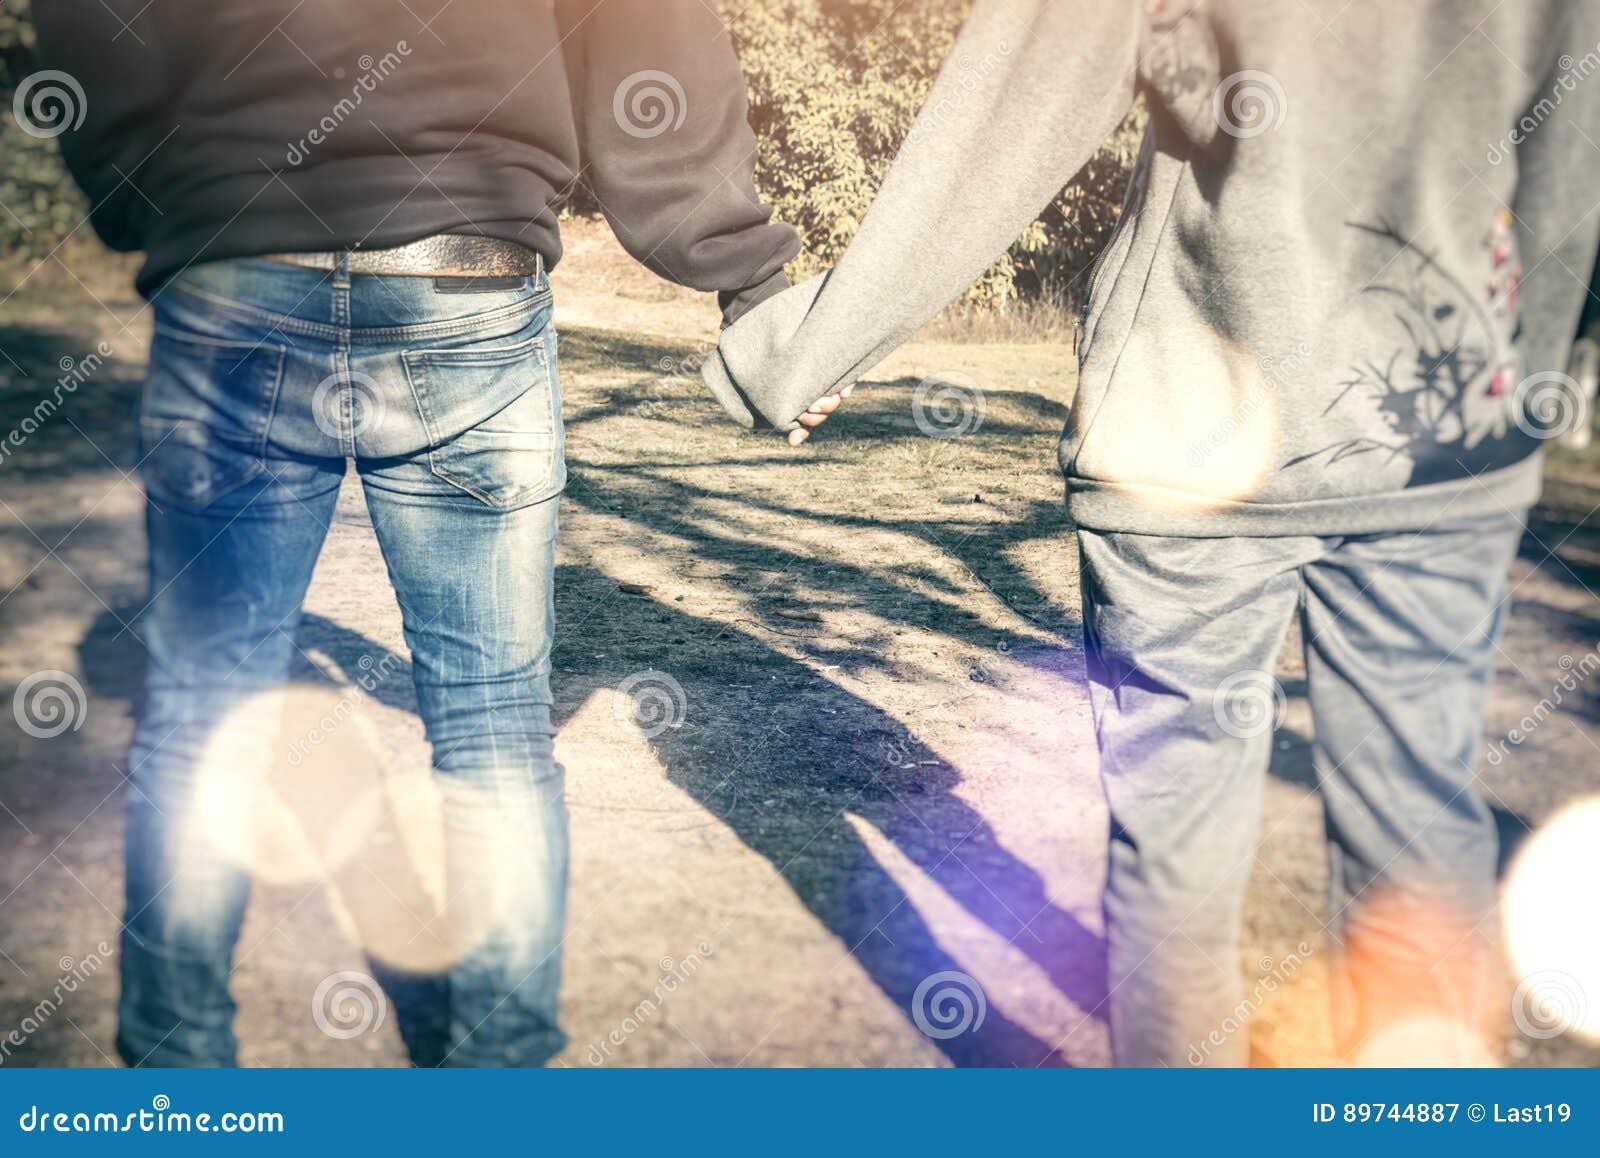 Daegu nopeus dating